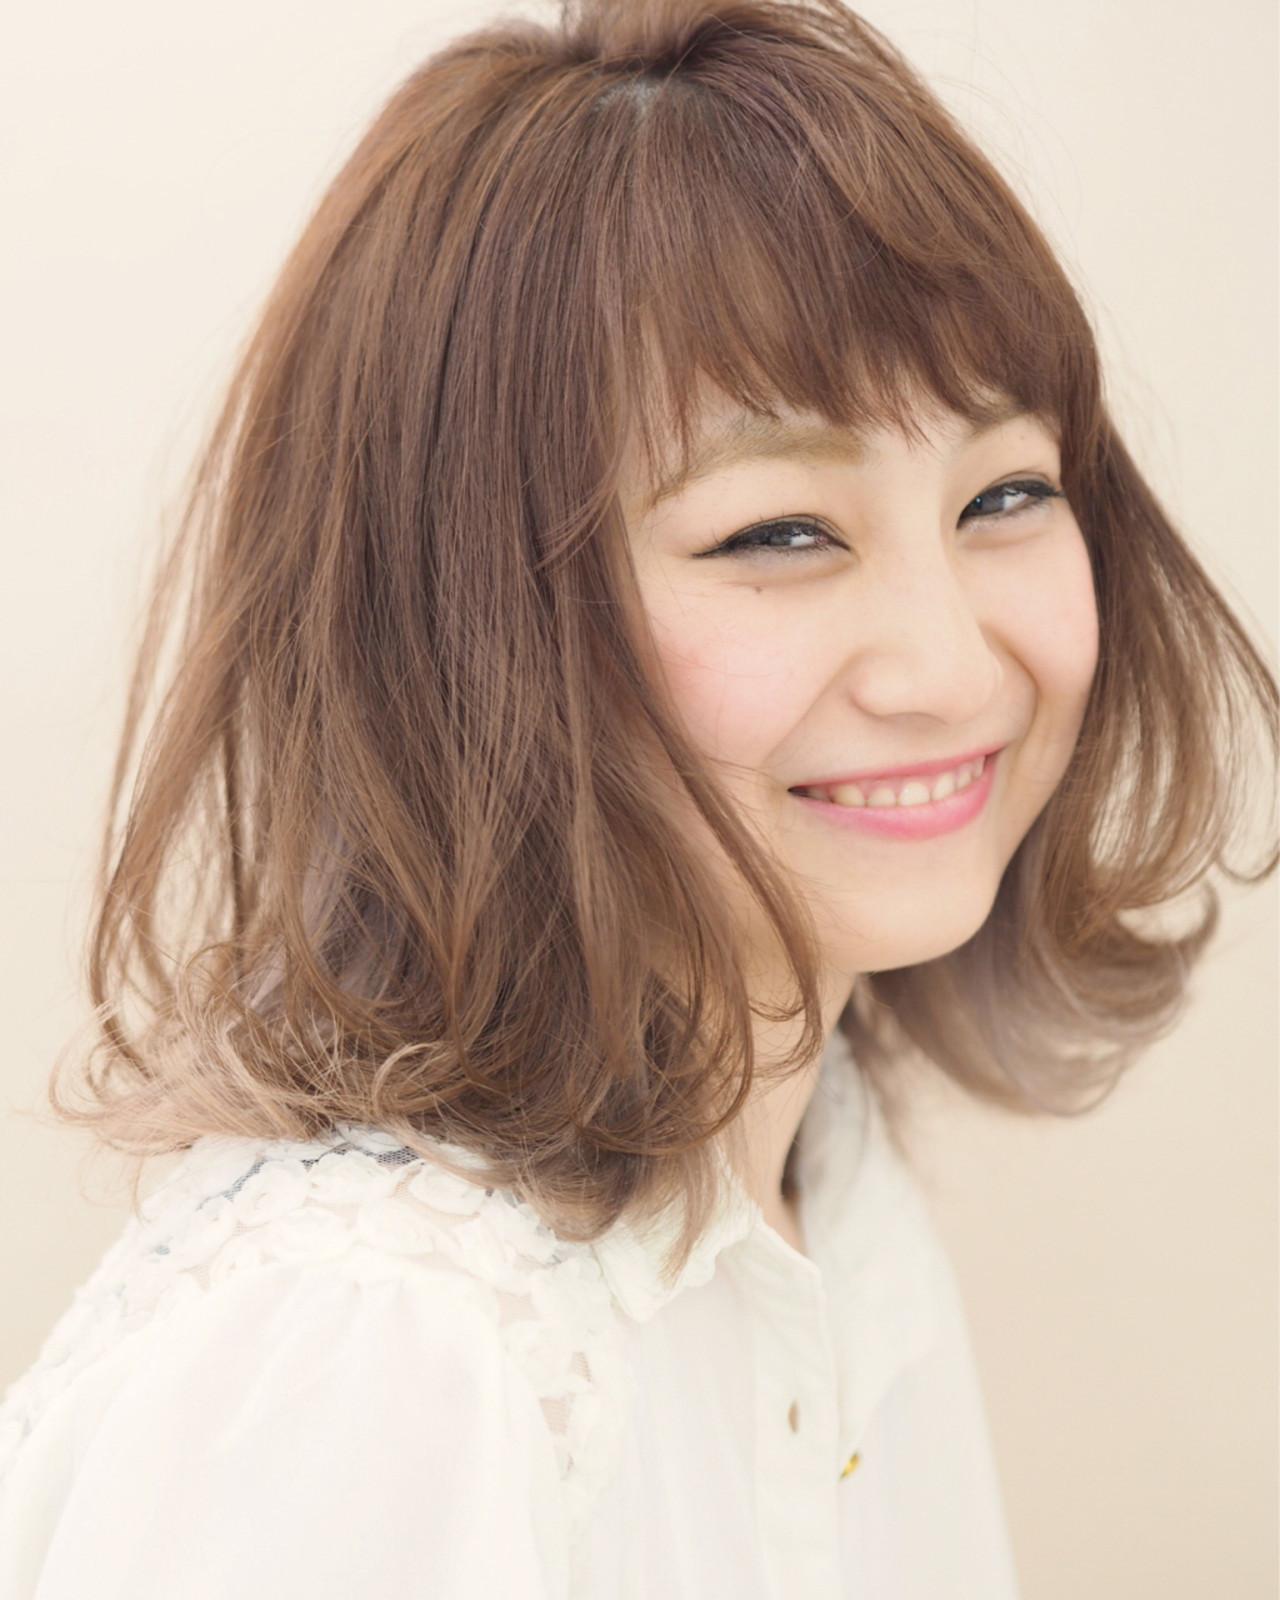 少女のような可愛らしさが魅力の永作博美さん風ボブ 石川明